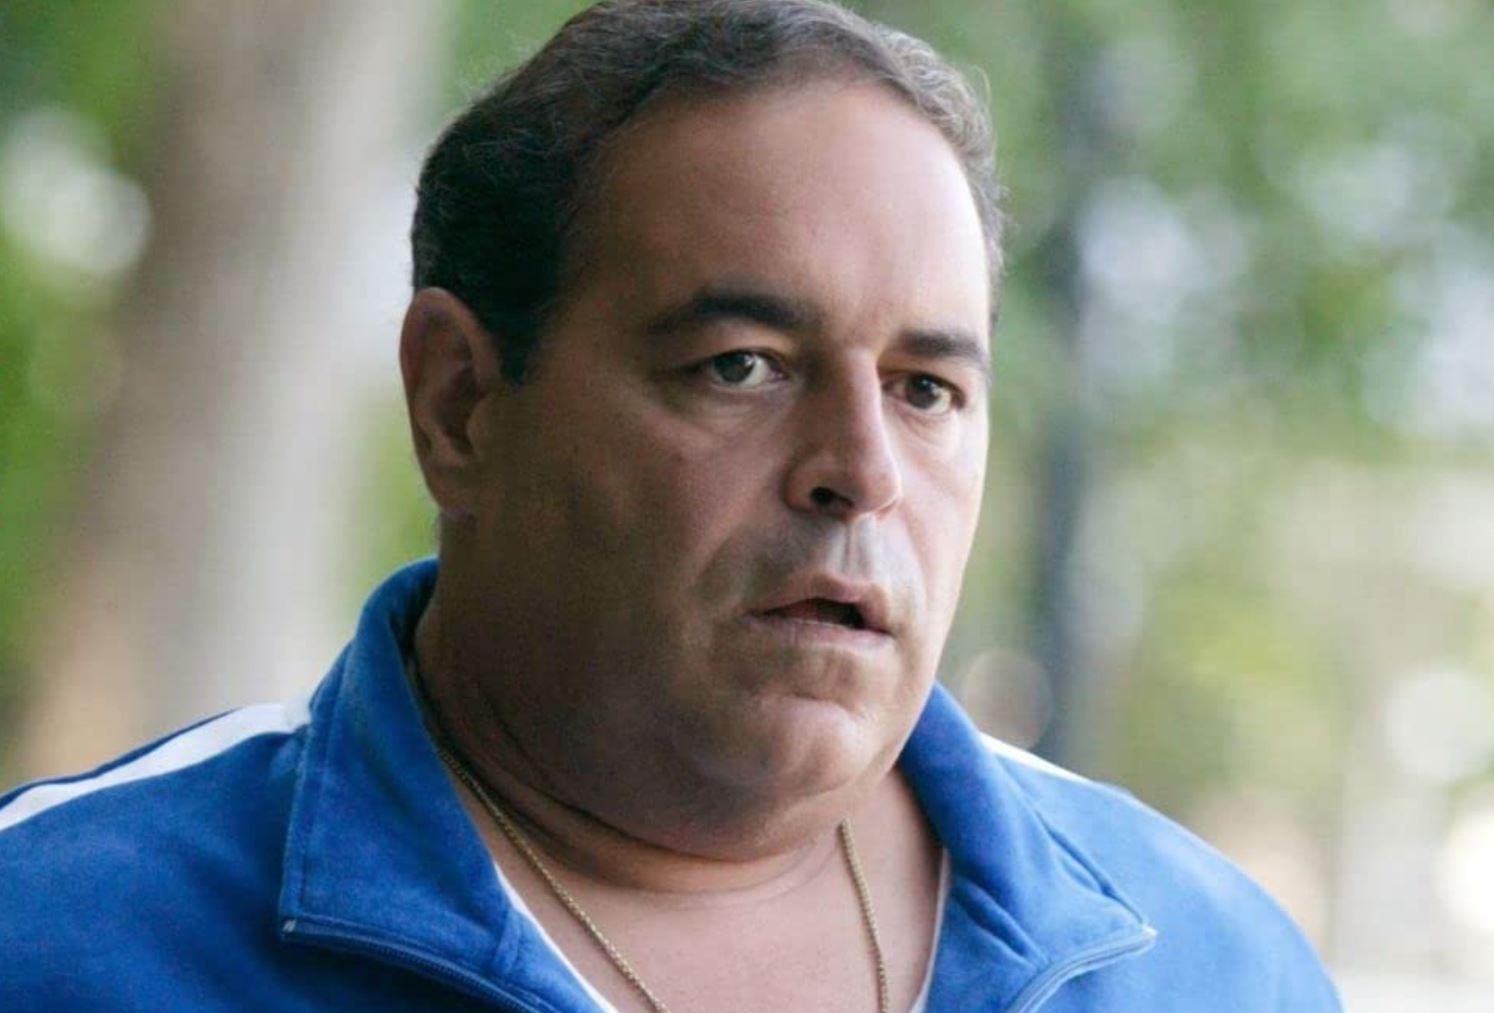 Vito from The Sopranos